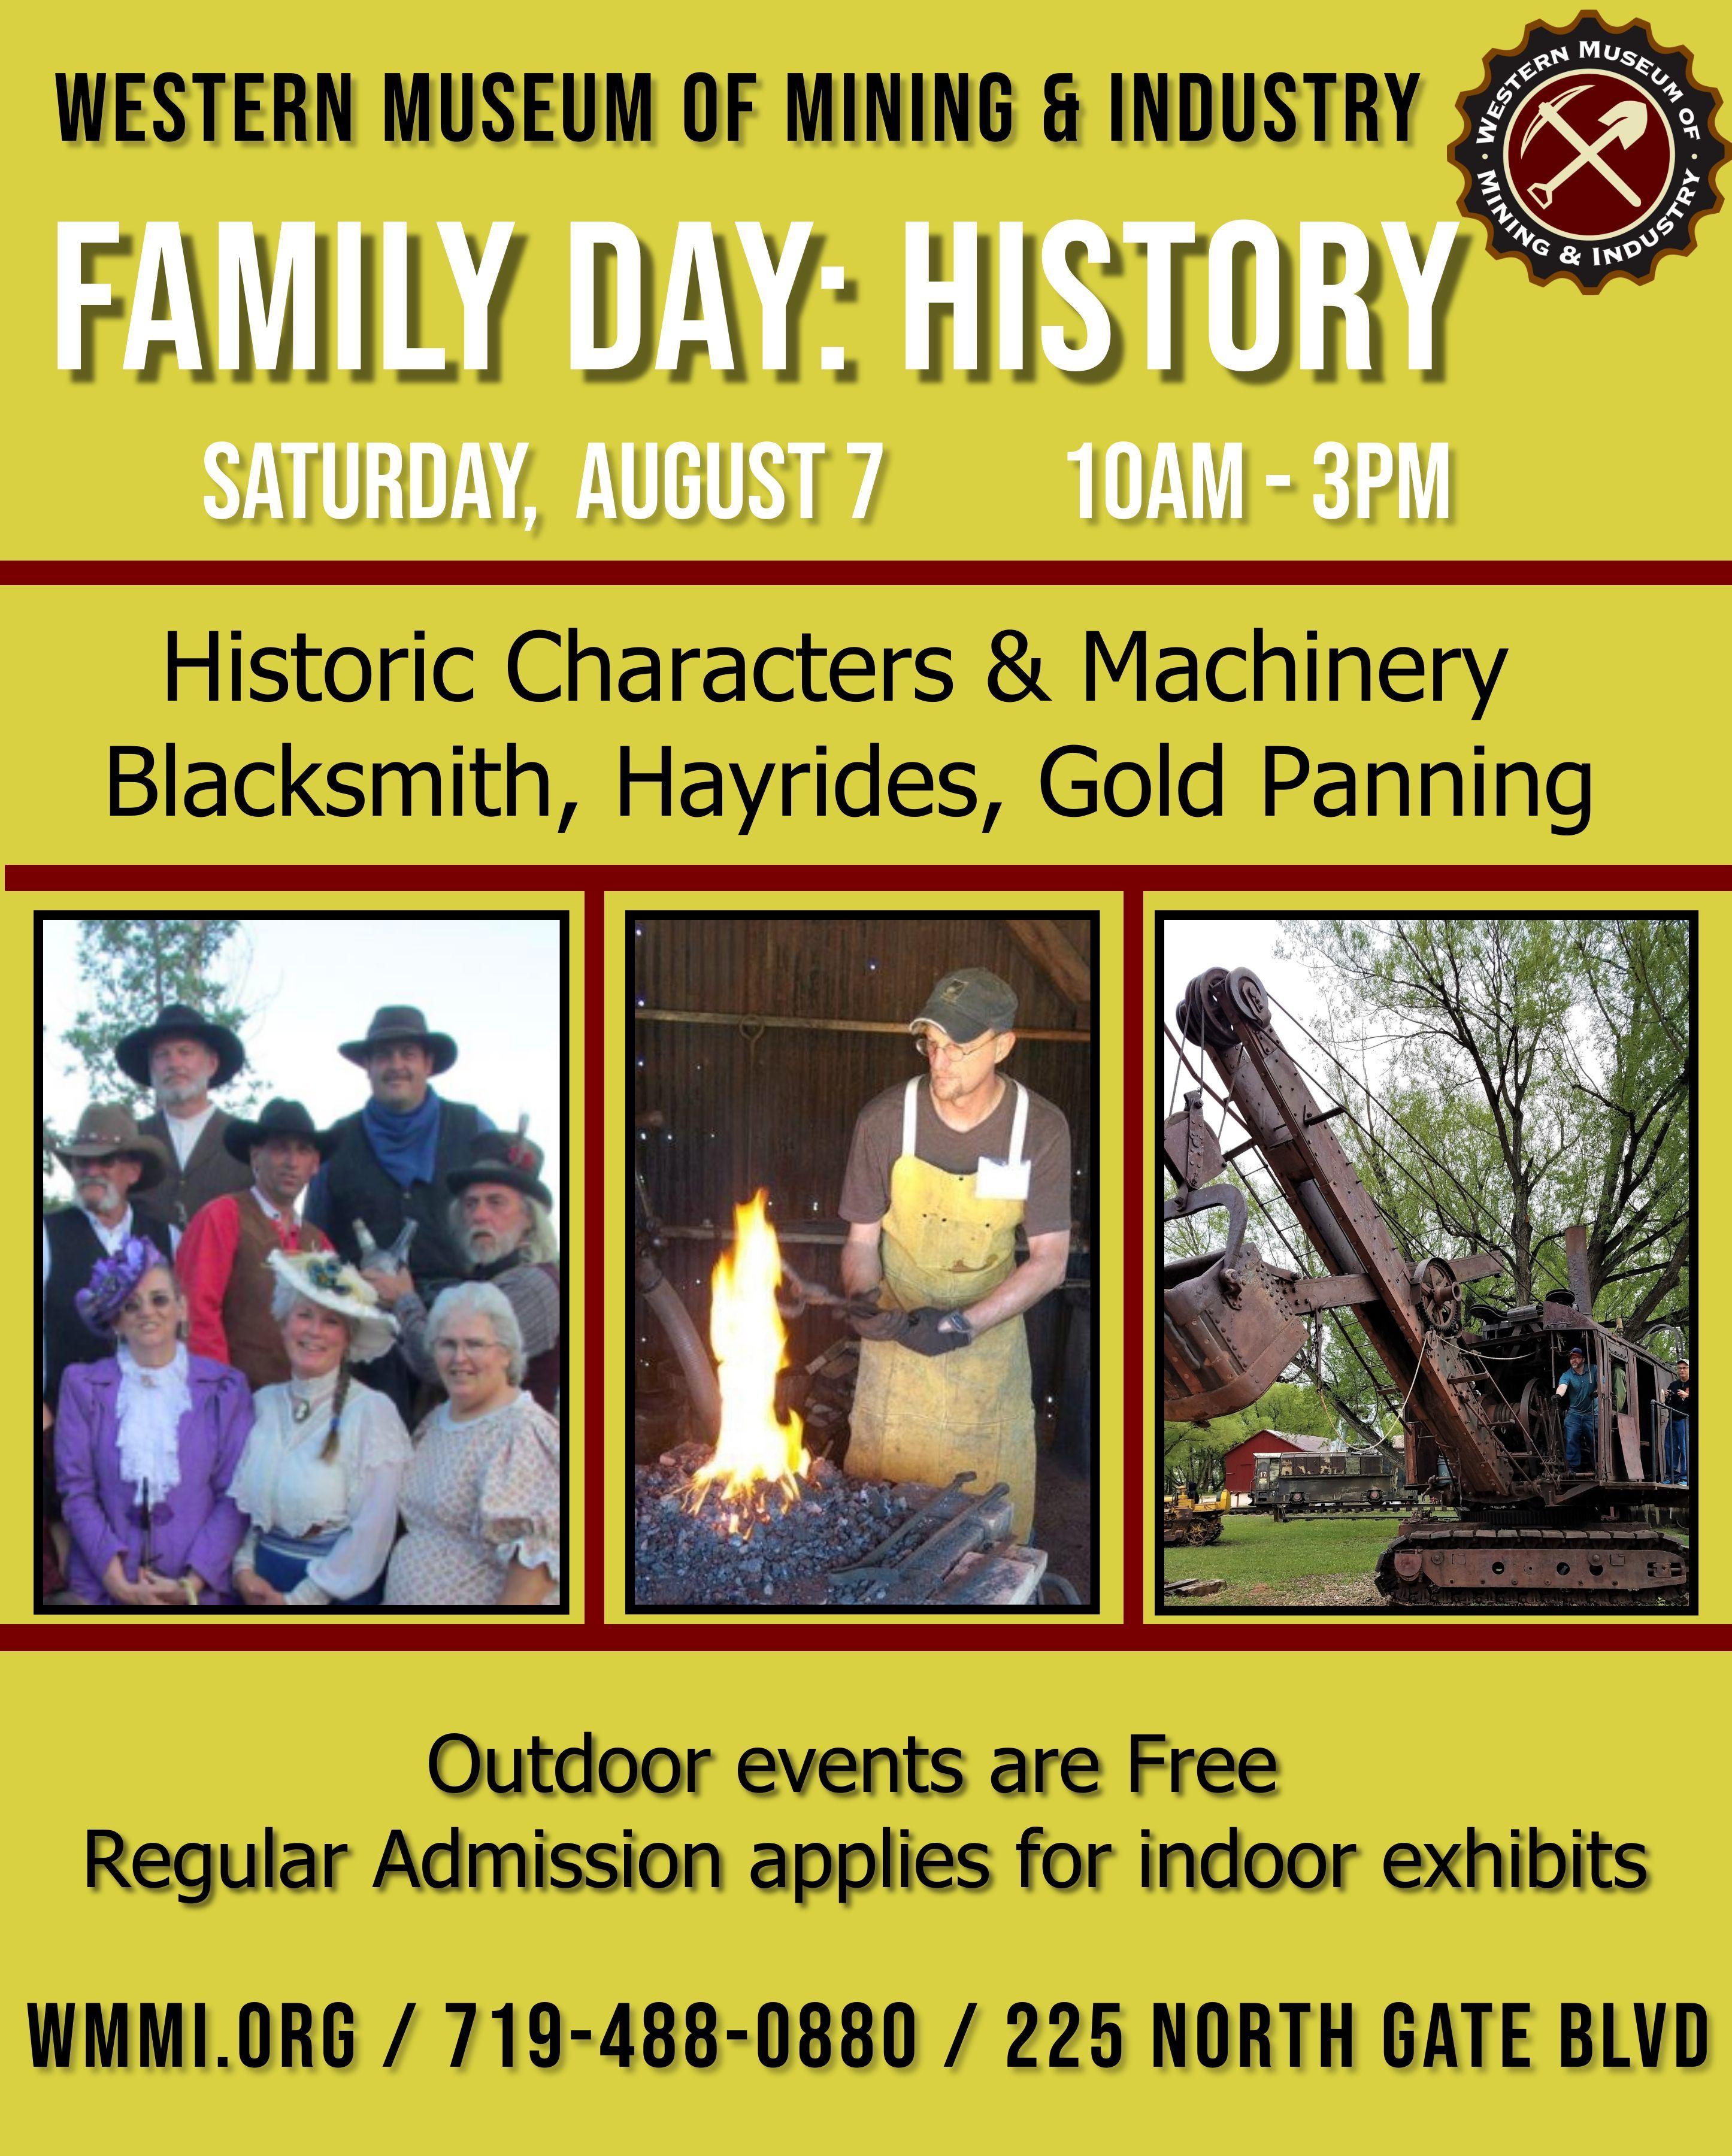 Family Day: History